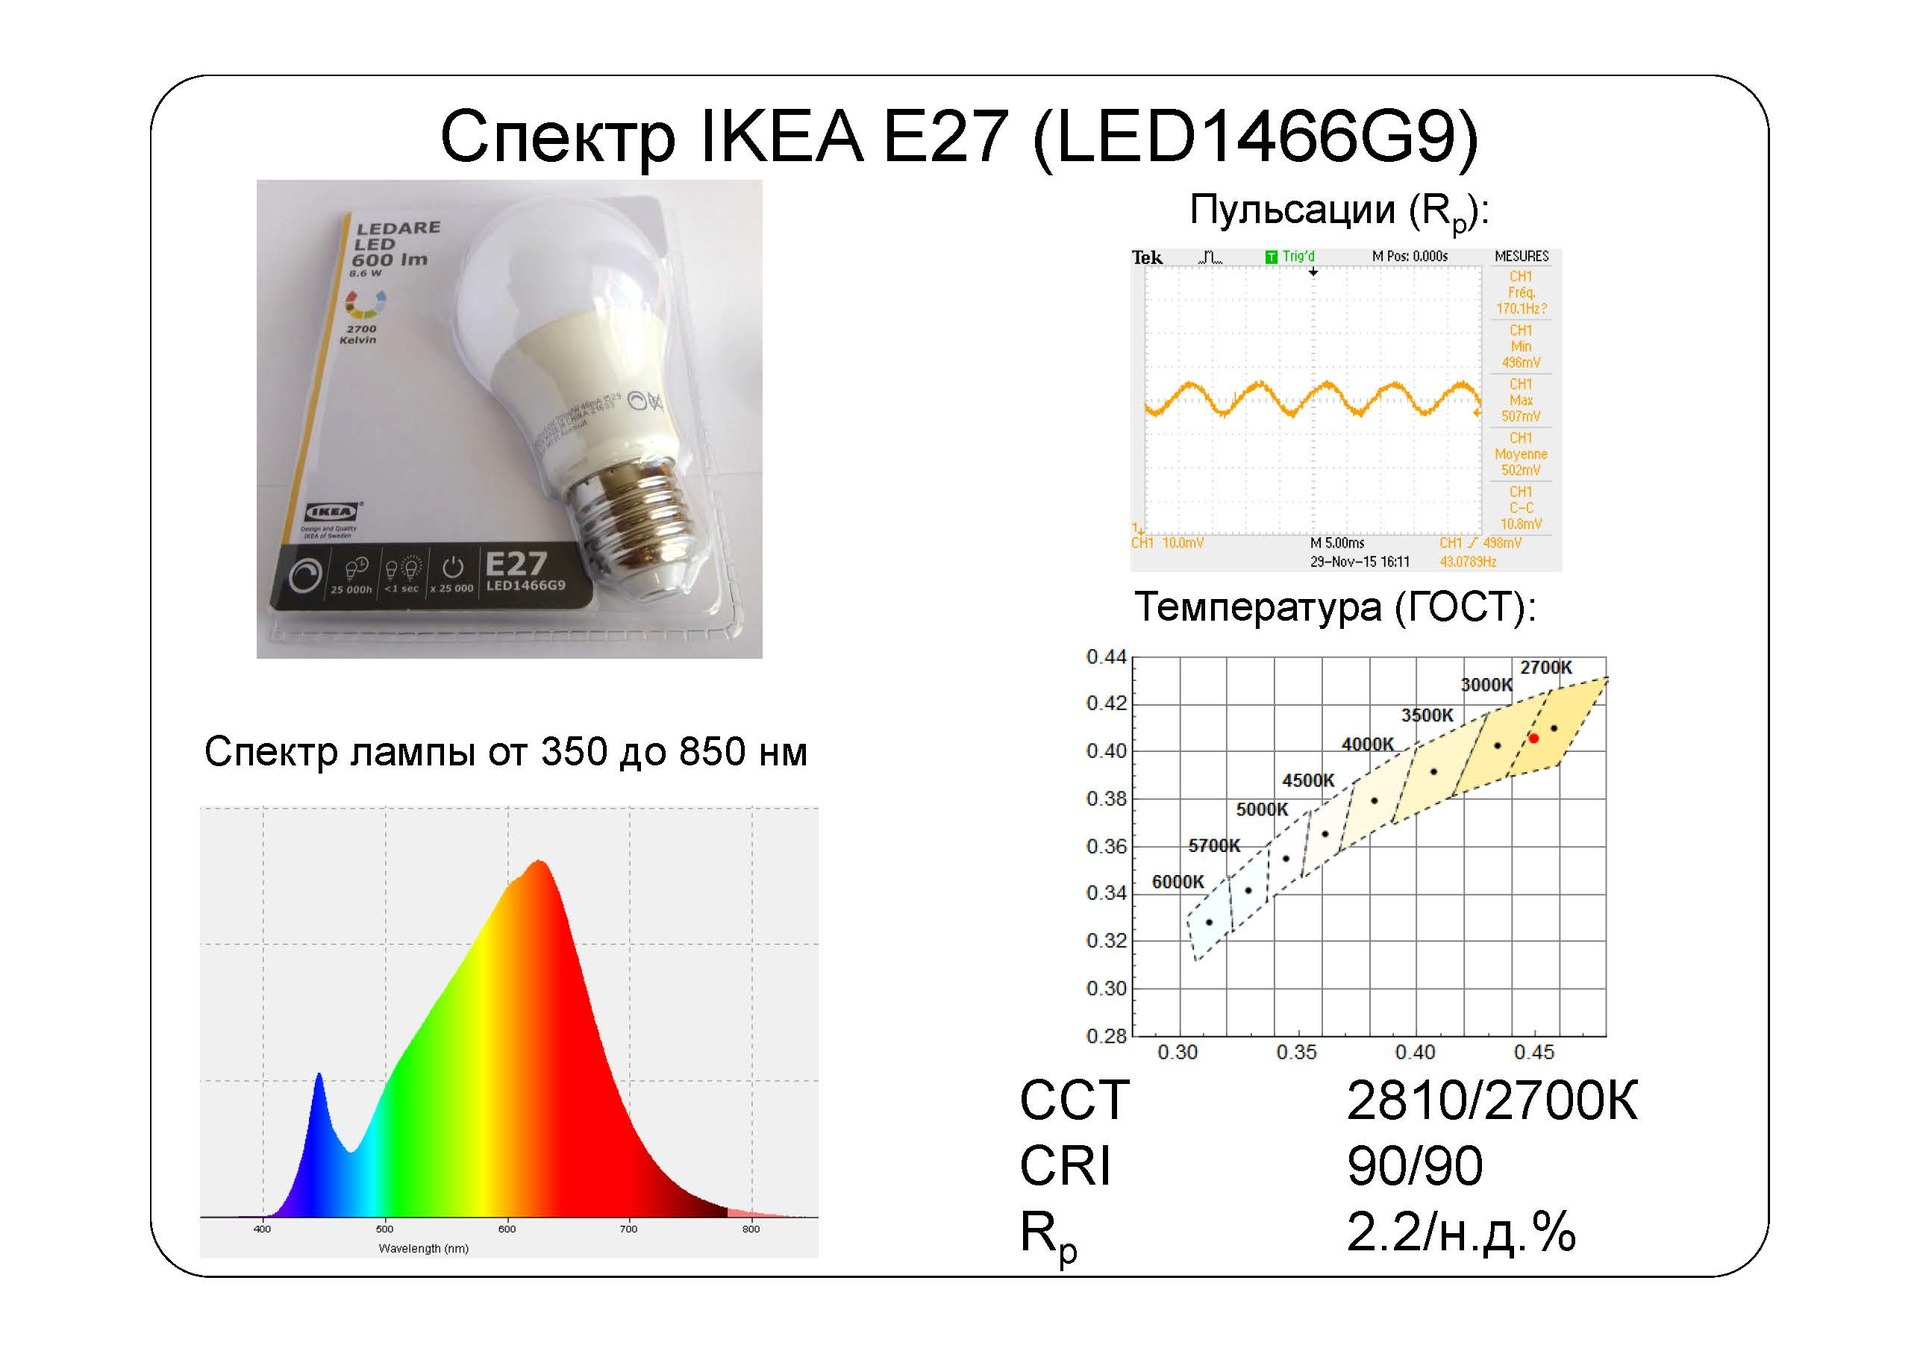 Взгляд изнутри: IKEA LED наносит ответный удар - 6